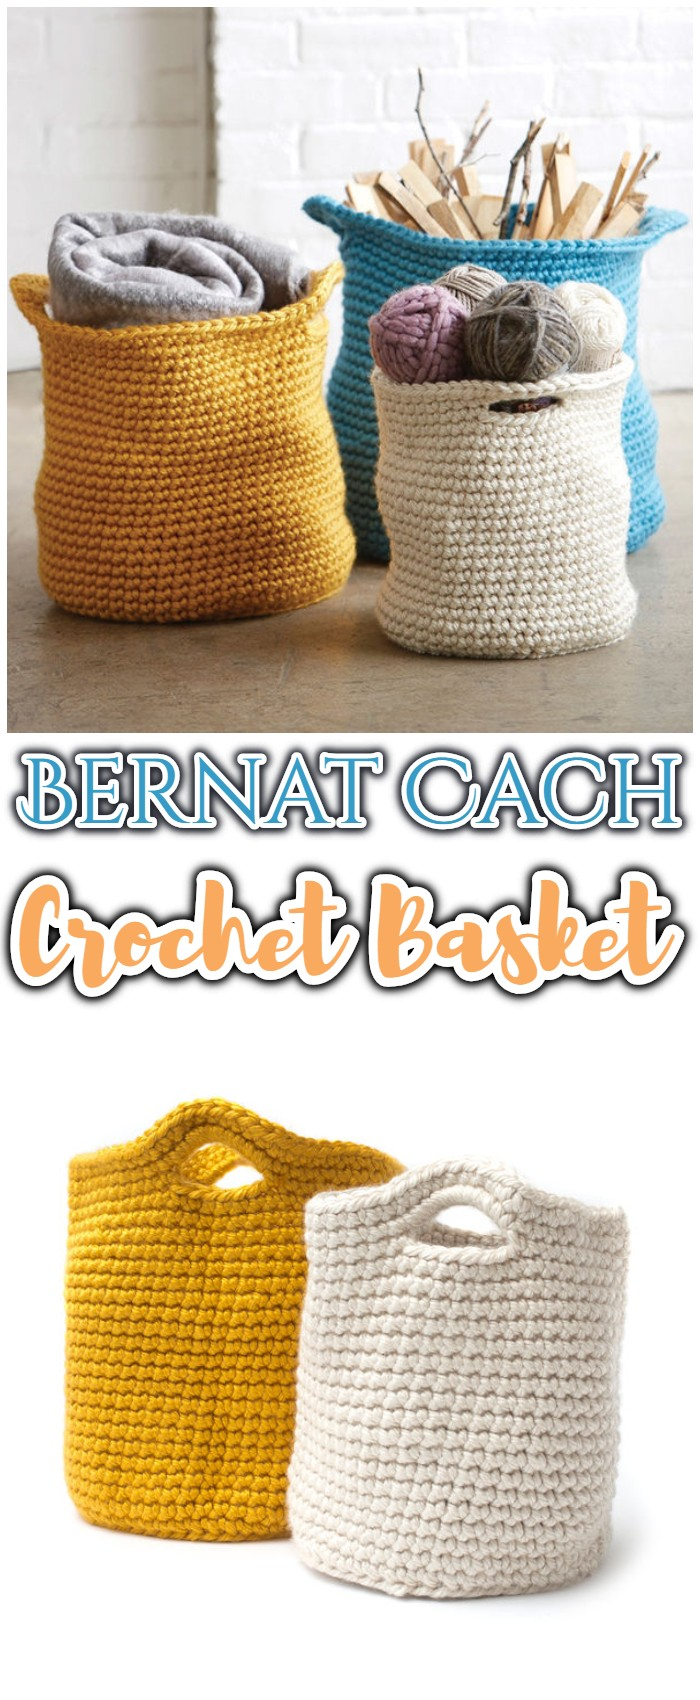 Bernat Cache Crochet Basket